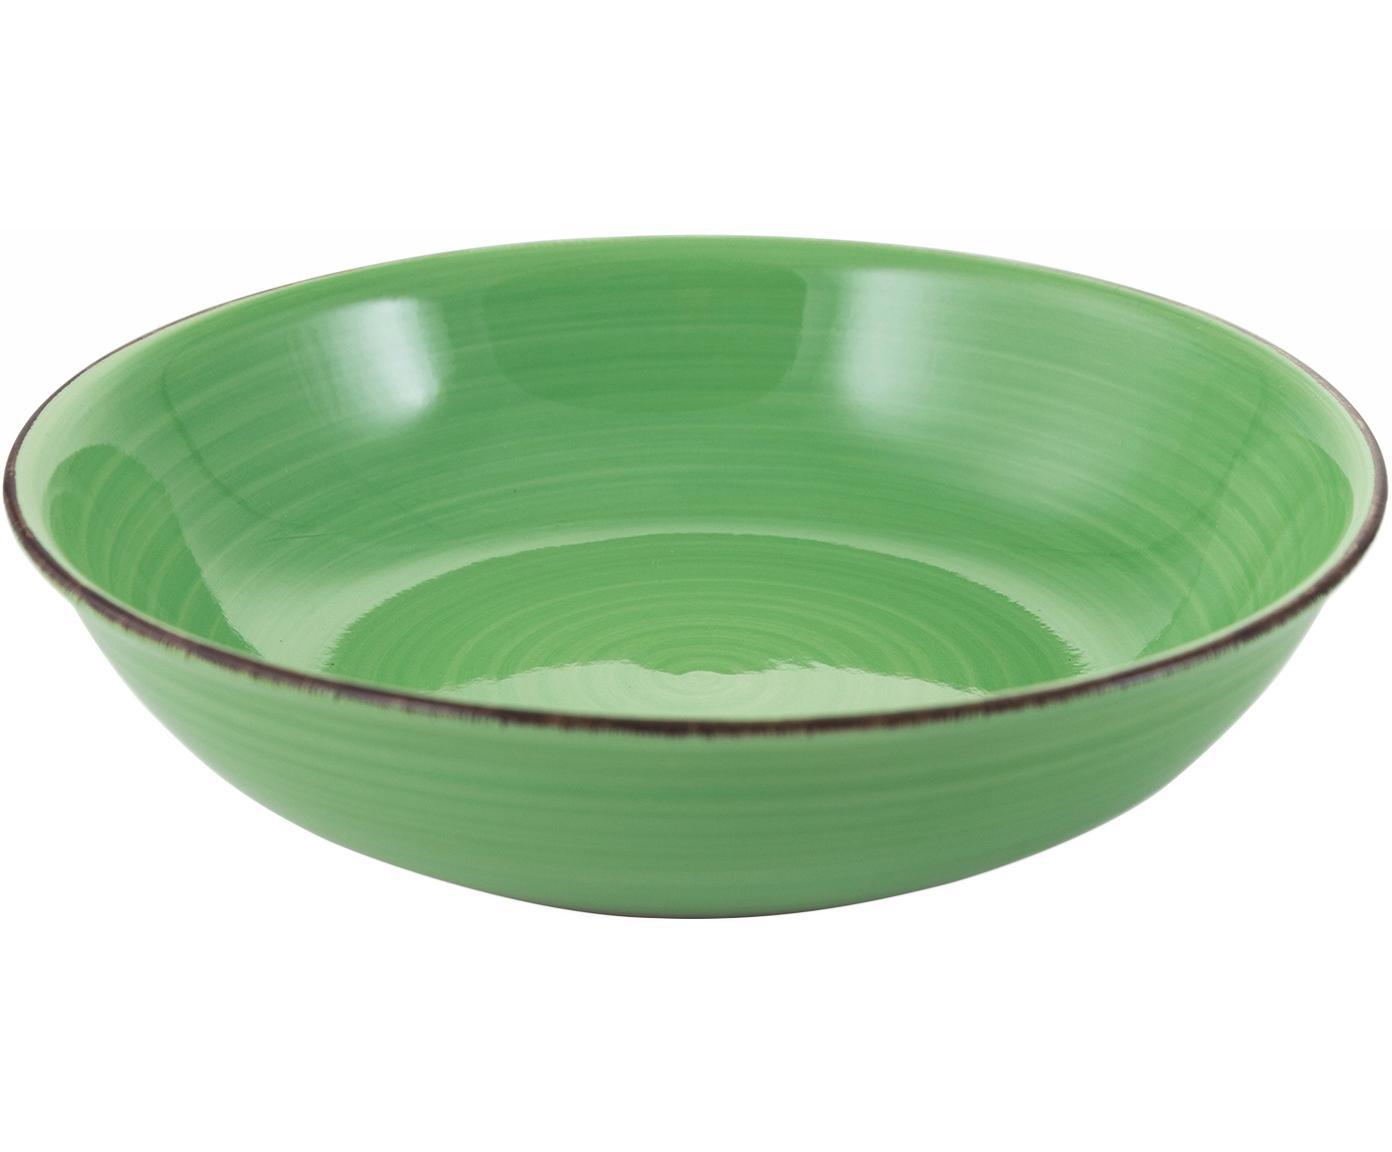 Kom Baita, Handbeschilderde keramiek, Groen, Ø 29 x H 7 cm